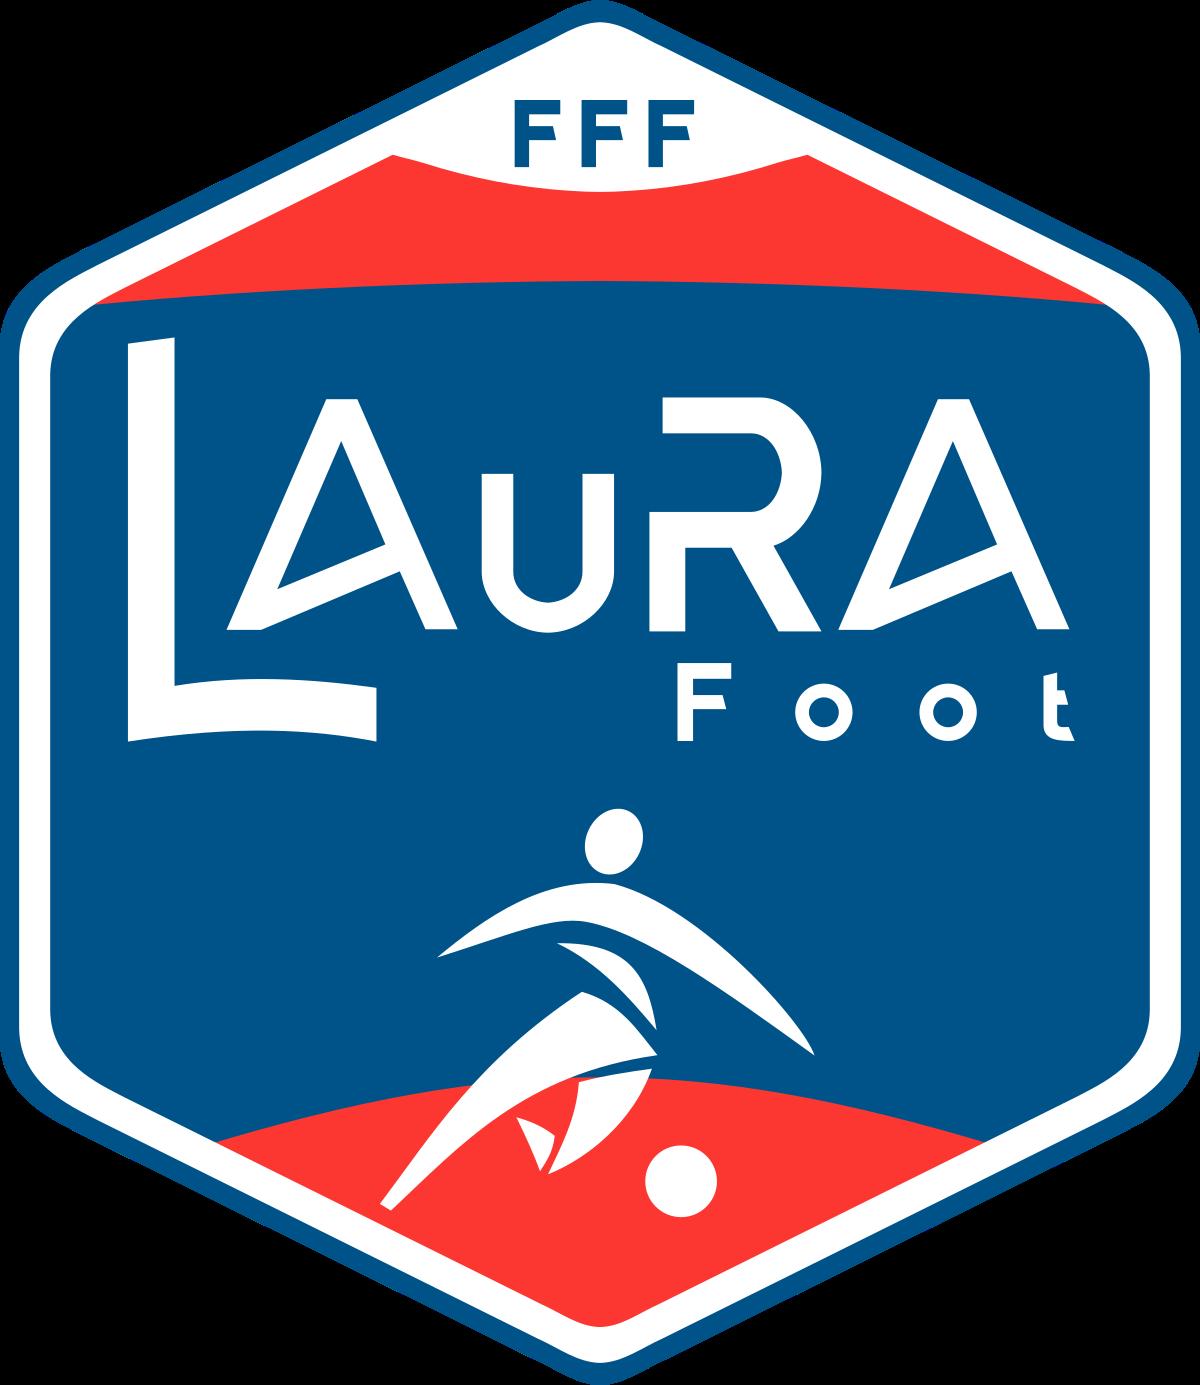 Les résultats du 2ème tour de la Coupe LAURA Foot